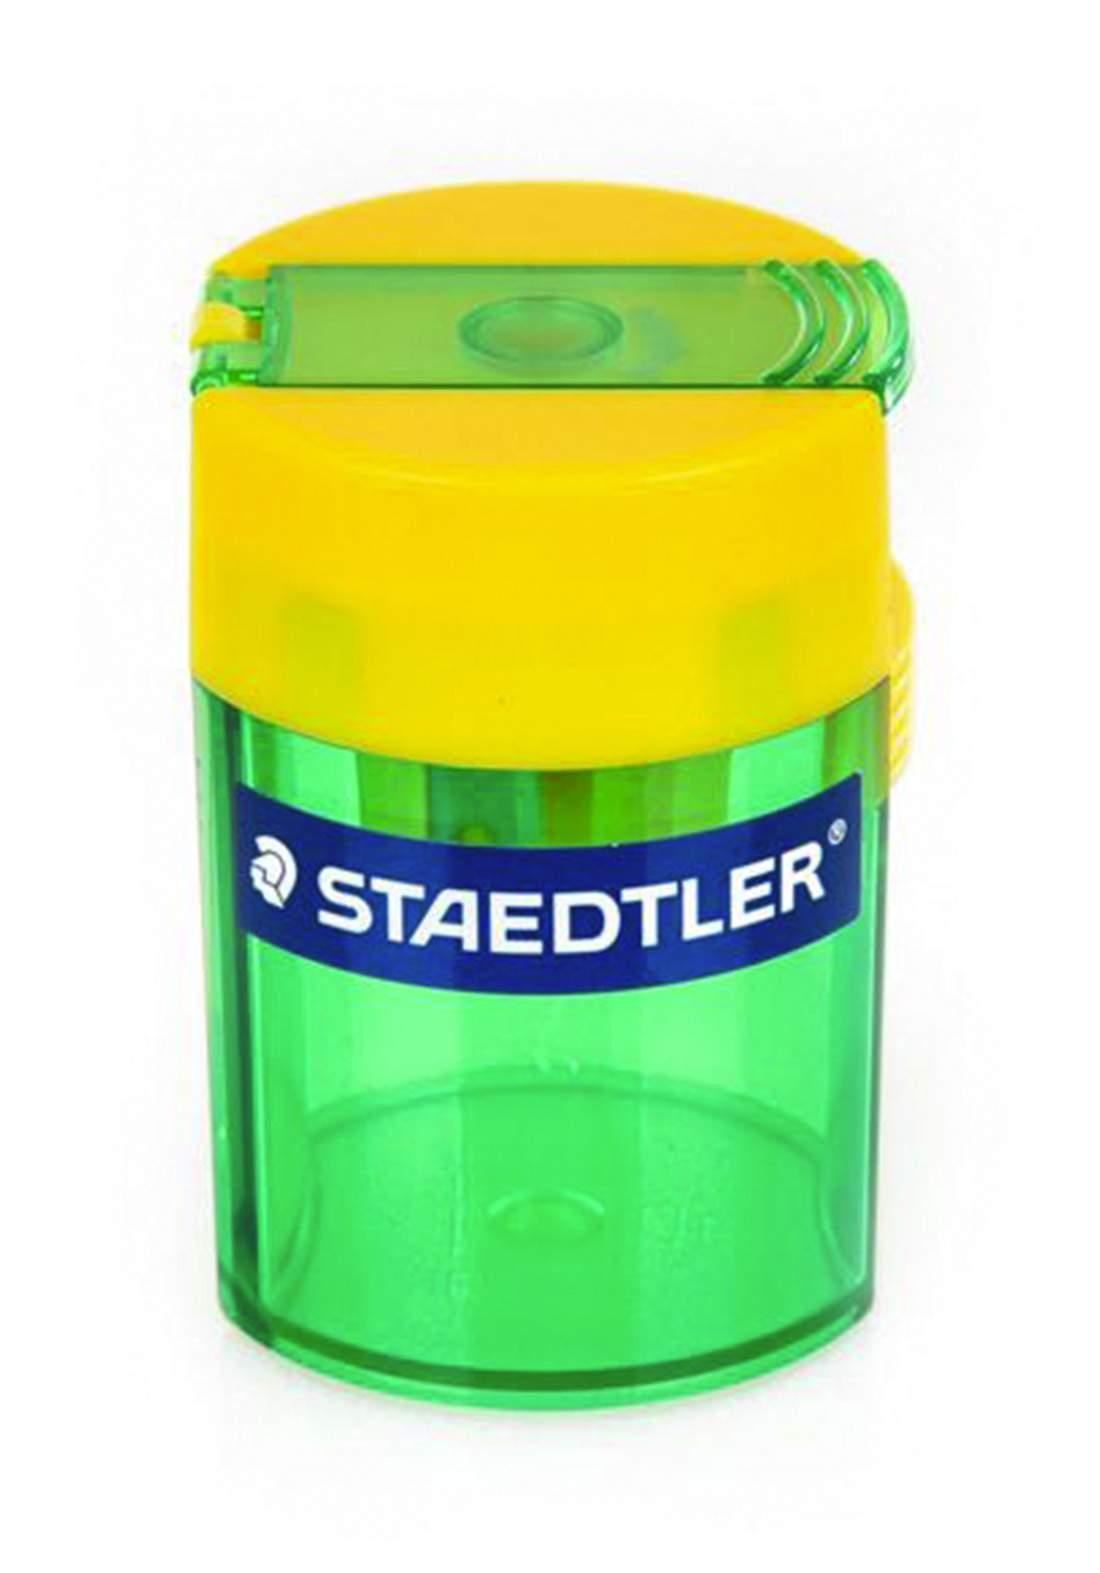 Staedtler 511 006  مبراة للاقلام